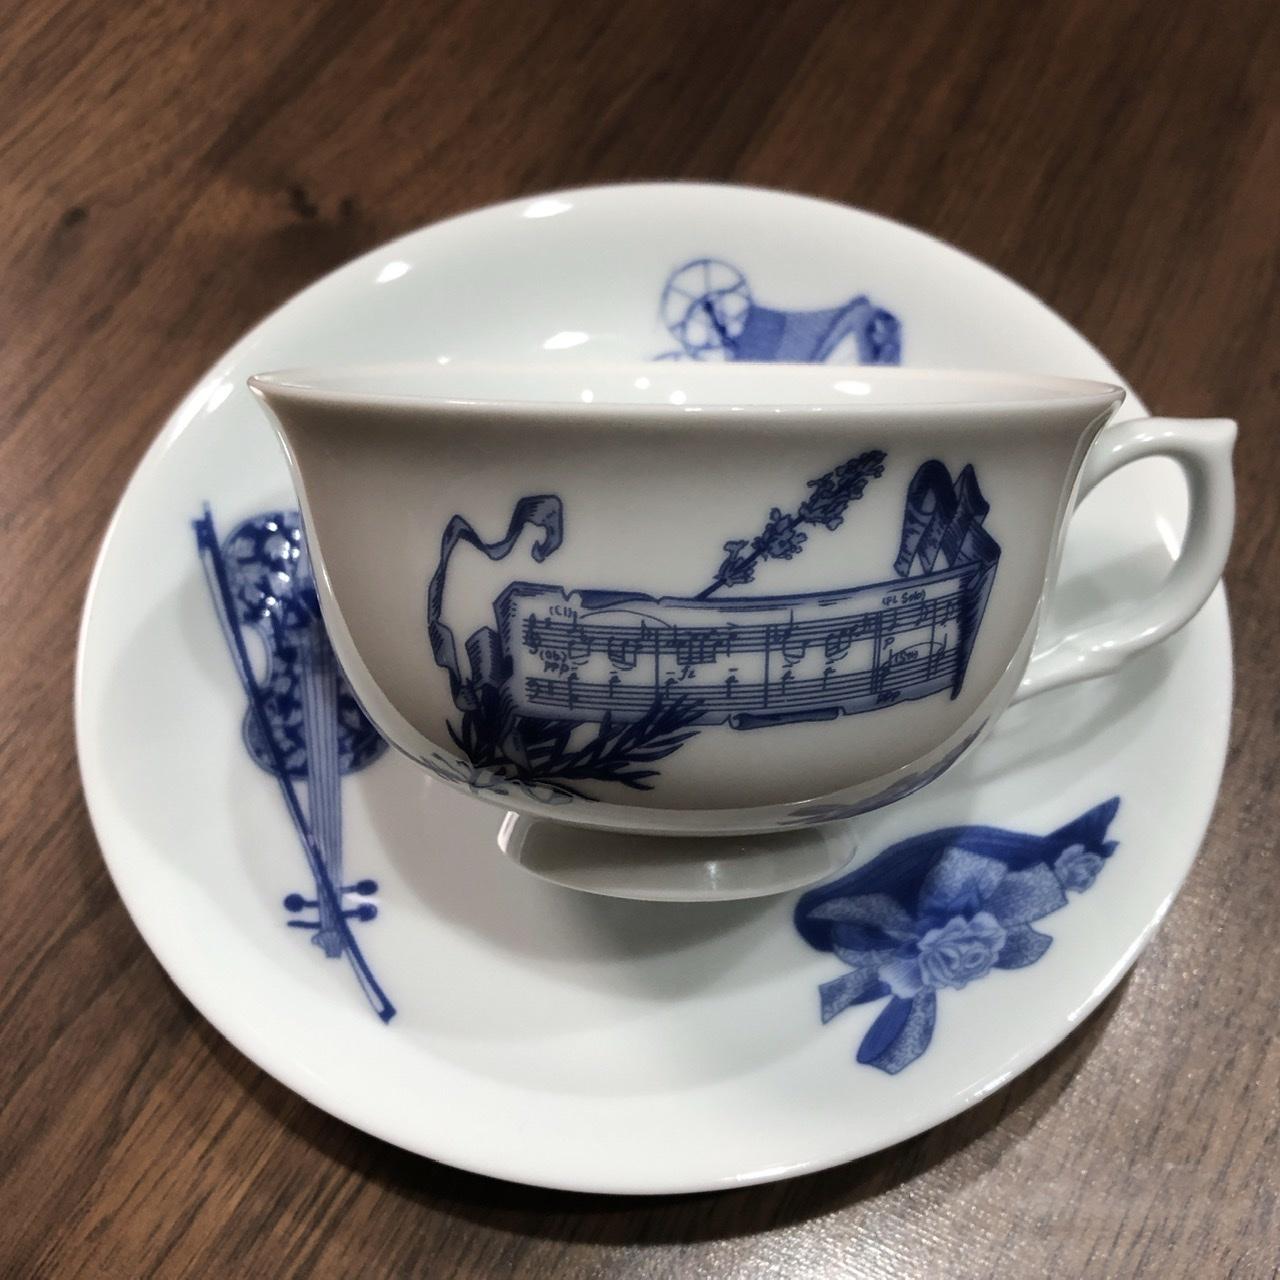 鰤の刺身とコーヒーカップ_e0245805_21565204.jpeg